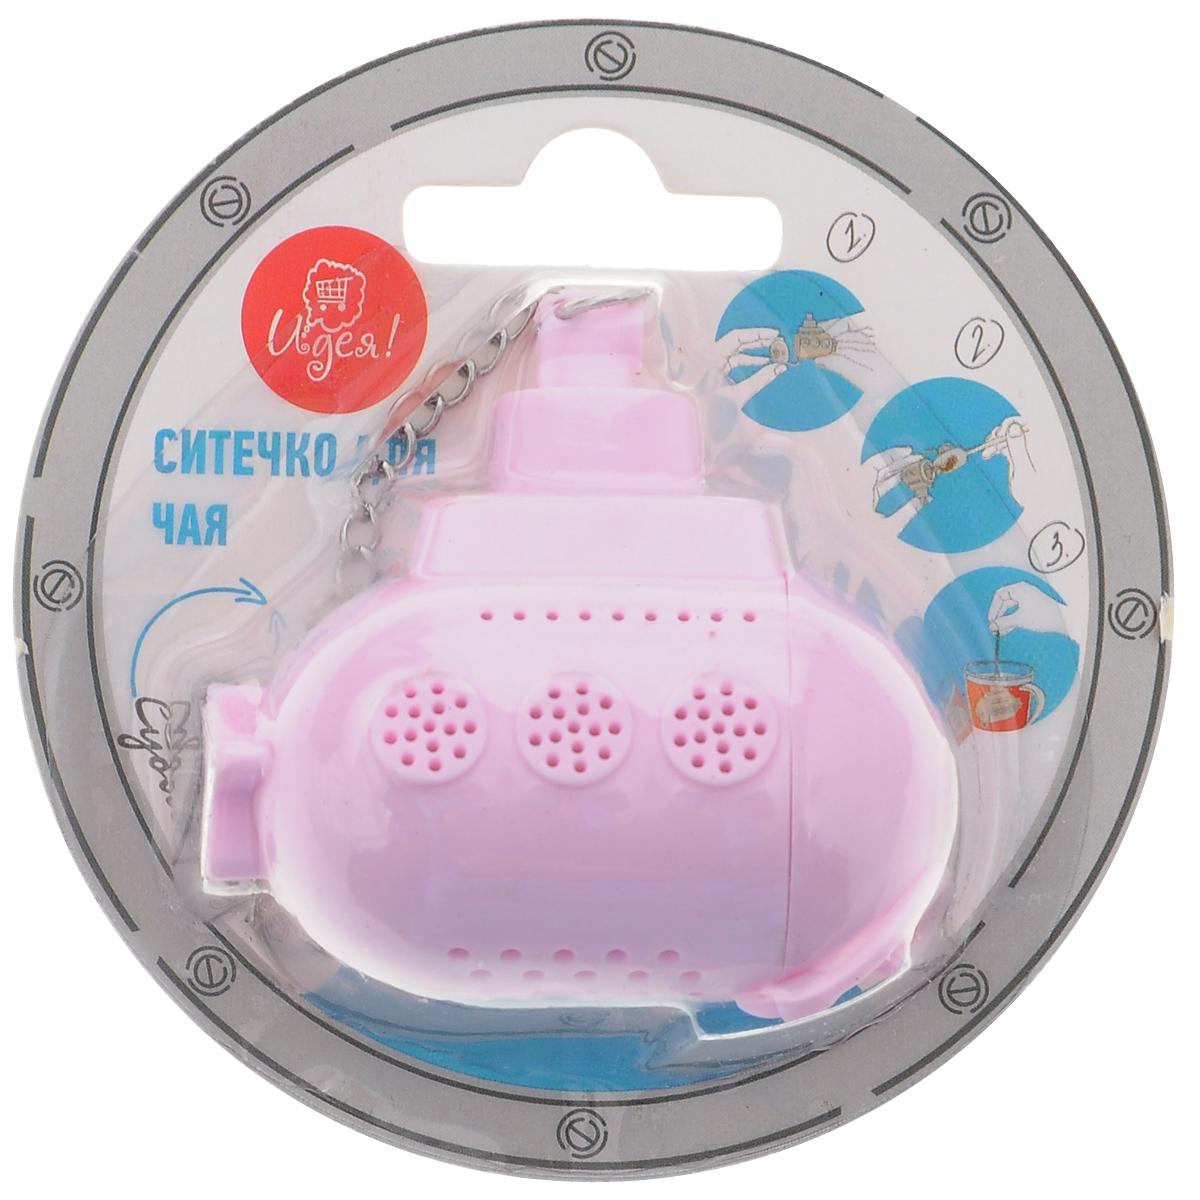 Ситечко для чая Идея Субмарина, цвет: розовыйCM000001326Ситечко Идея Субмарина прекрасно подходит для заваривания любого вида чая. Изделие выполнено из пищевого силикона в виде подводной лодки. Ситечком очень легко пользоваться. Просто насыпьте заварку внутрь и погрузите субмарину на дно кружки. Изделие снабжено металлической цепочкой с крючком на конце. Забавная и приятная вещица для вашего домашнего чаепития. Не рекомендуется мыть в посудомоечной машине. Размер фигурки: 6 см х 5,5 см х 3 см.